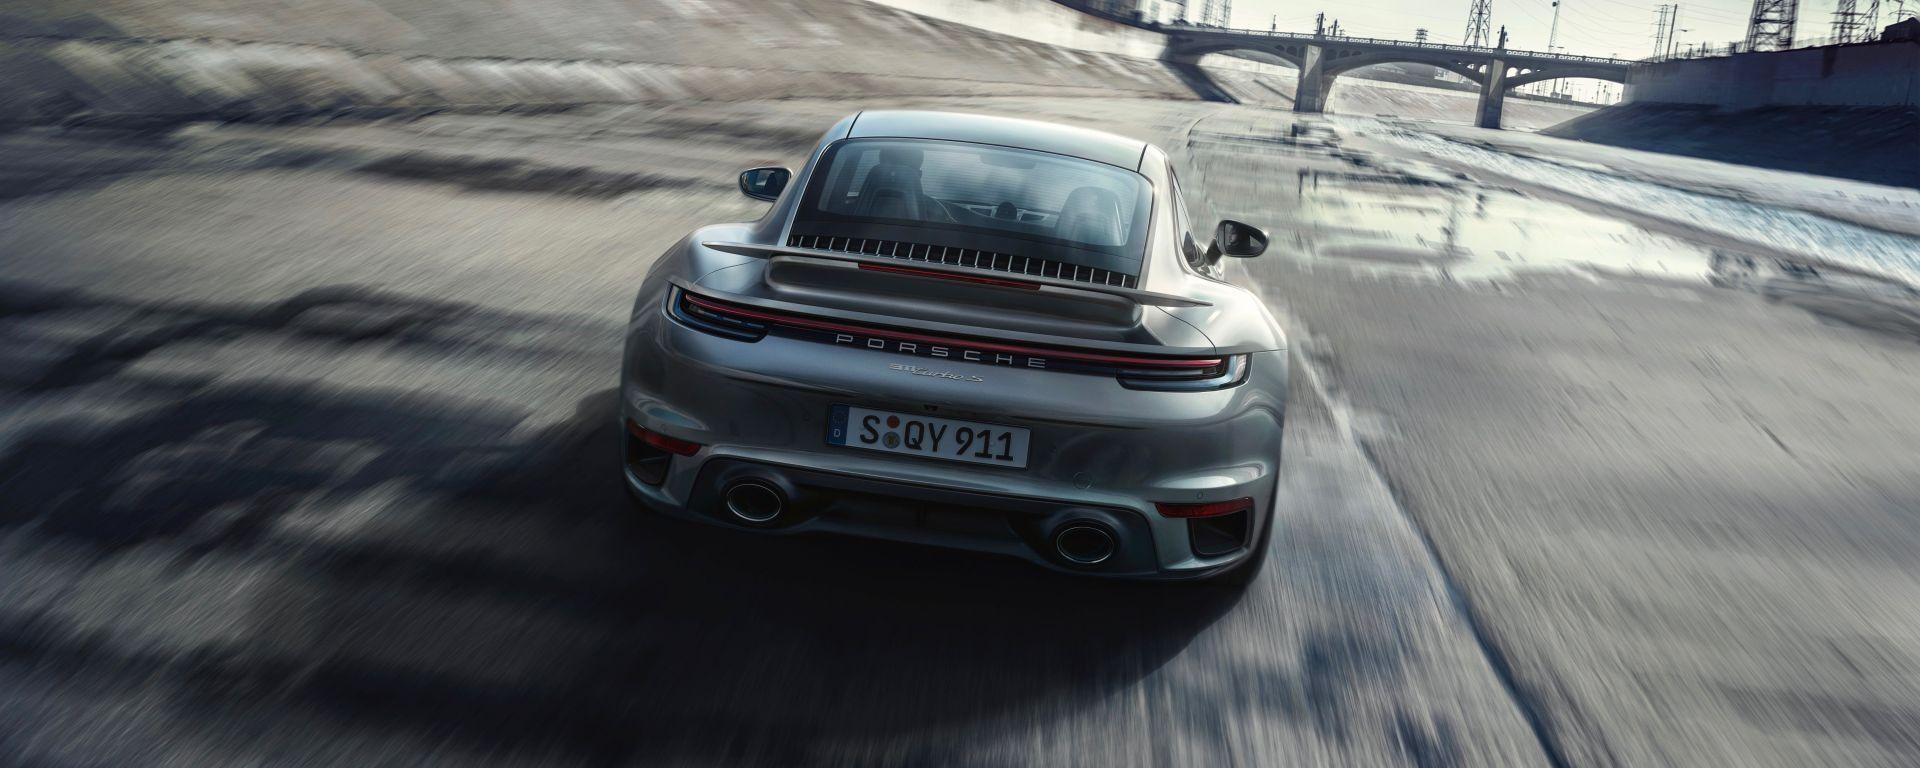 Nuova Porsche 911 Turbo S 2020: potenza ed eleganza